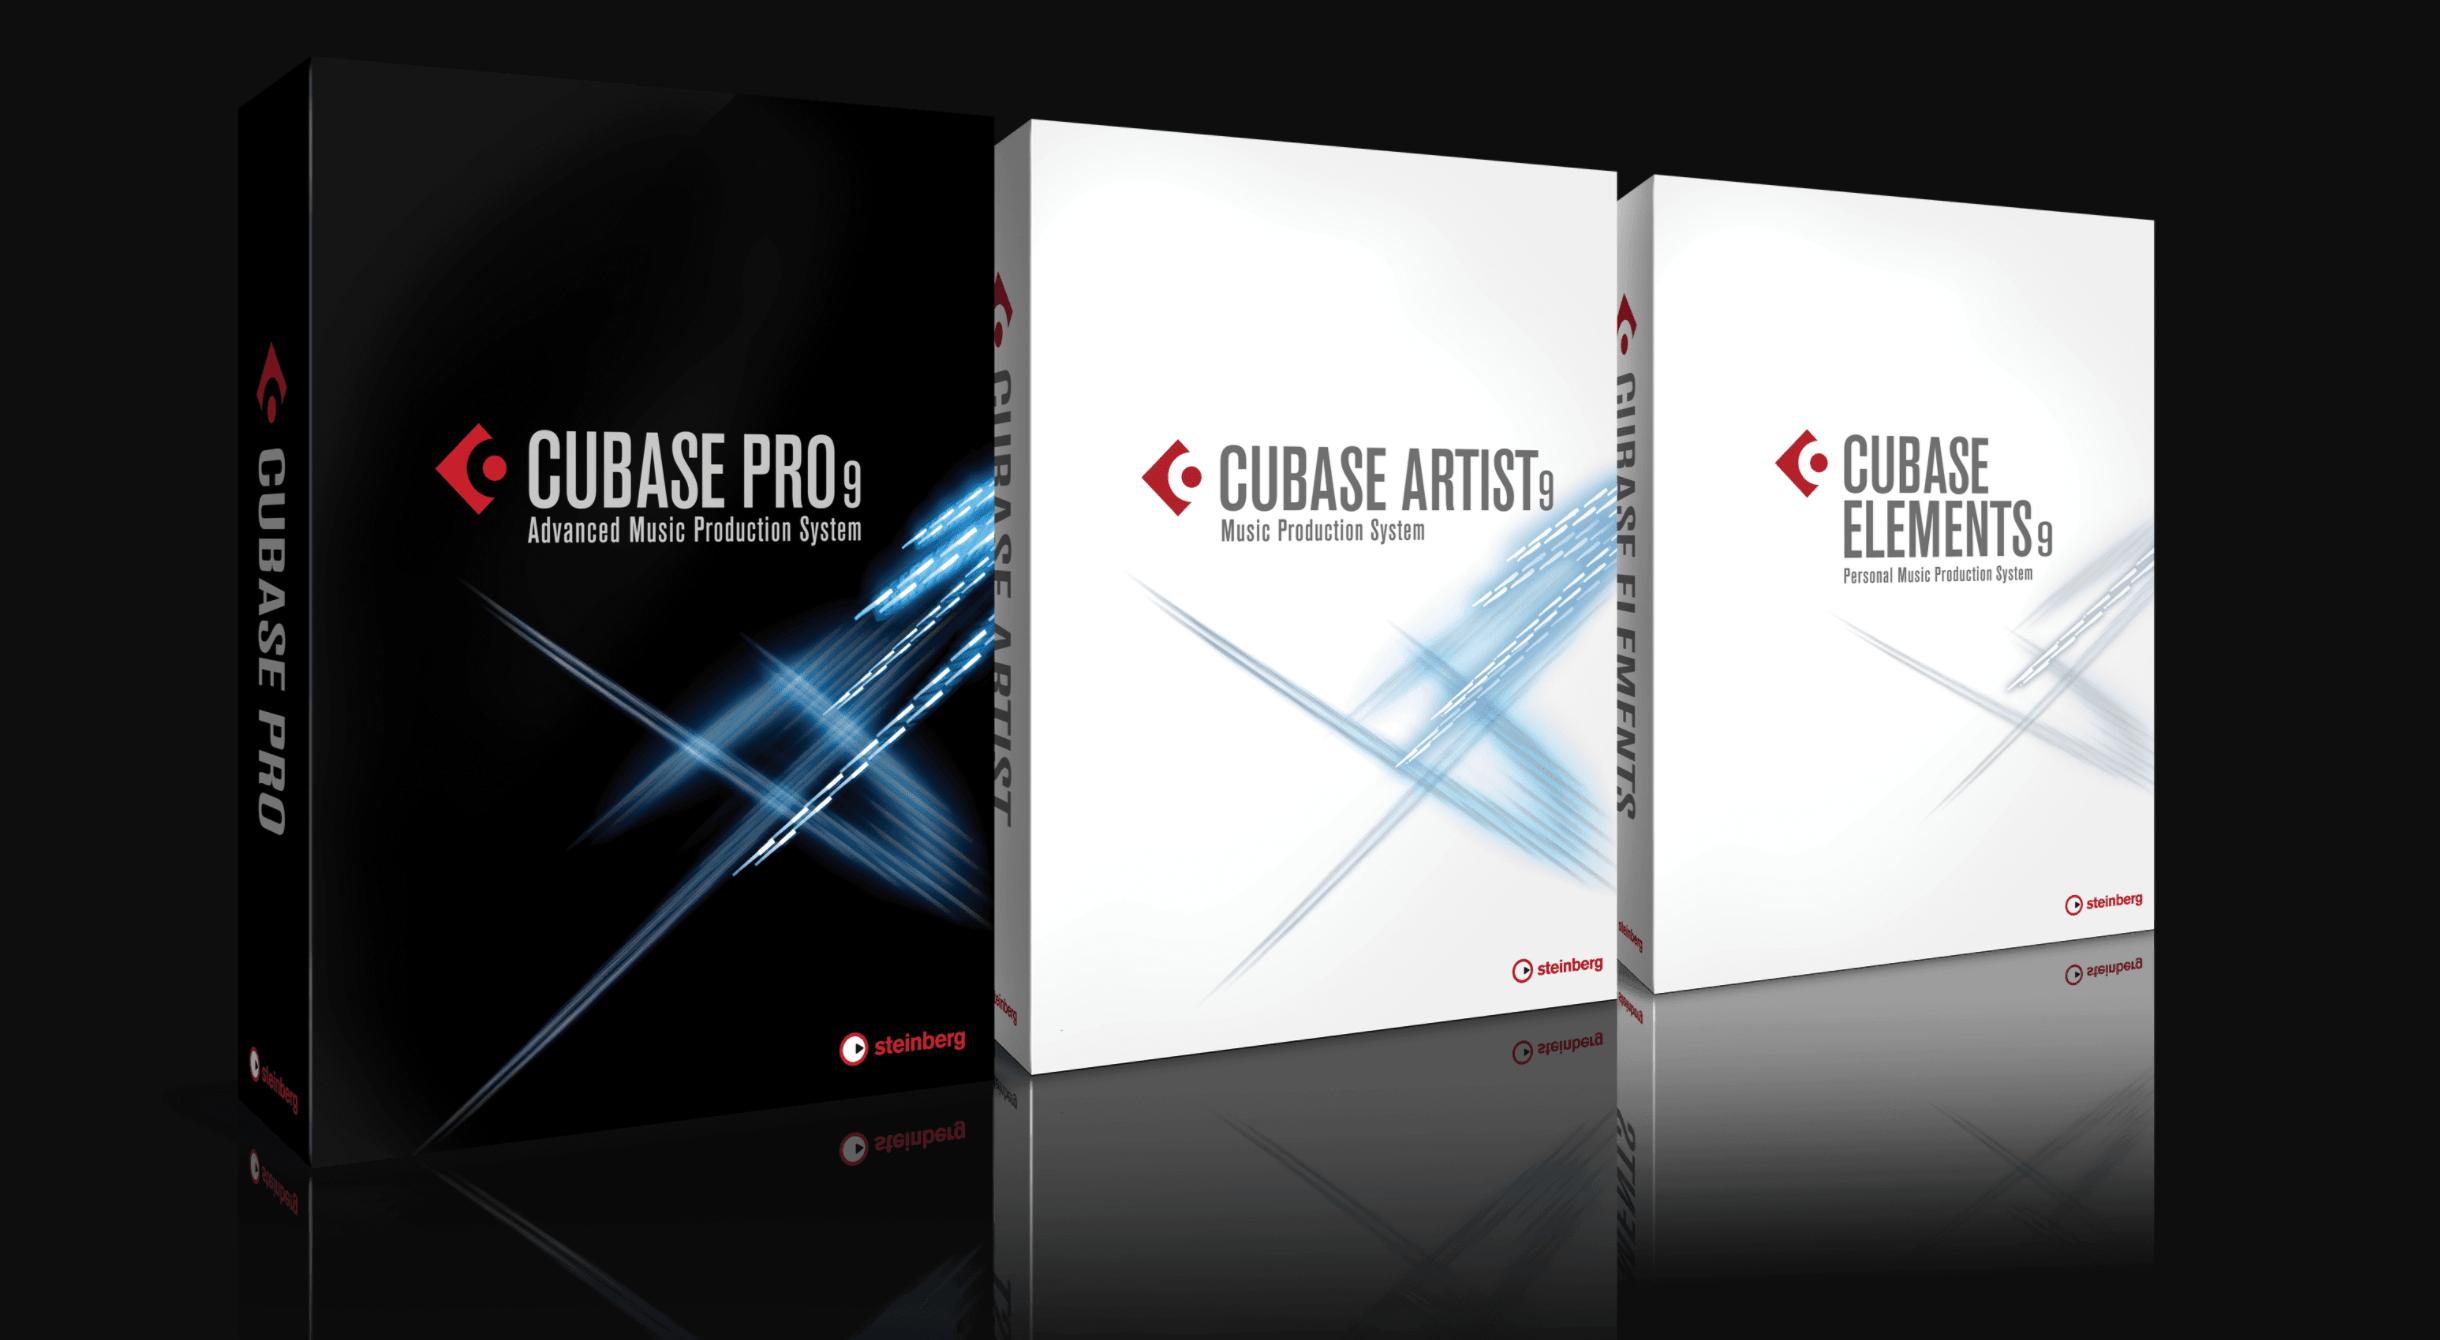 Cajas de Cubase Pro 9, Cubase Artist 9 y Cubase Elements 9